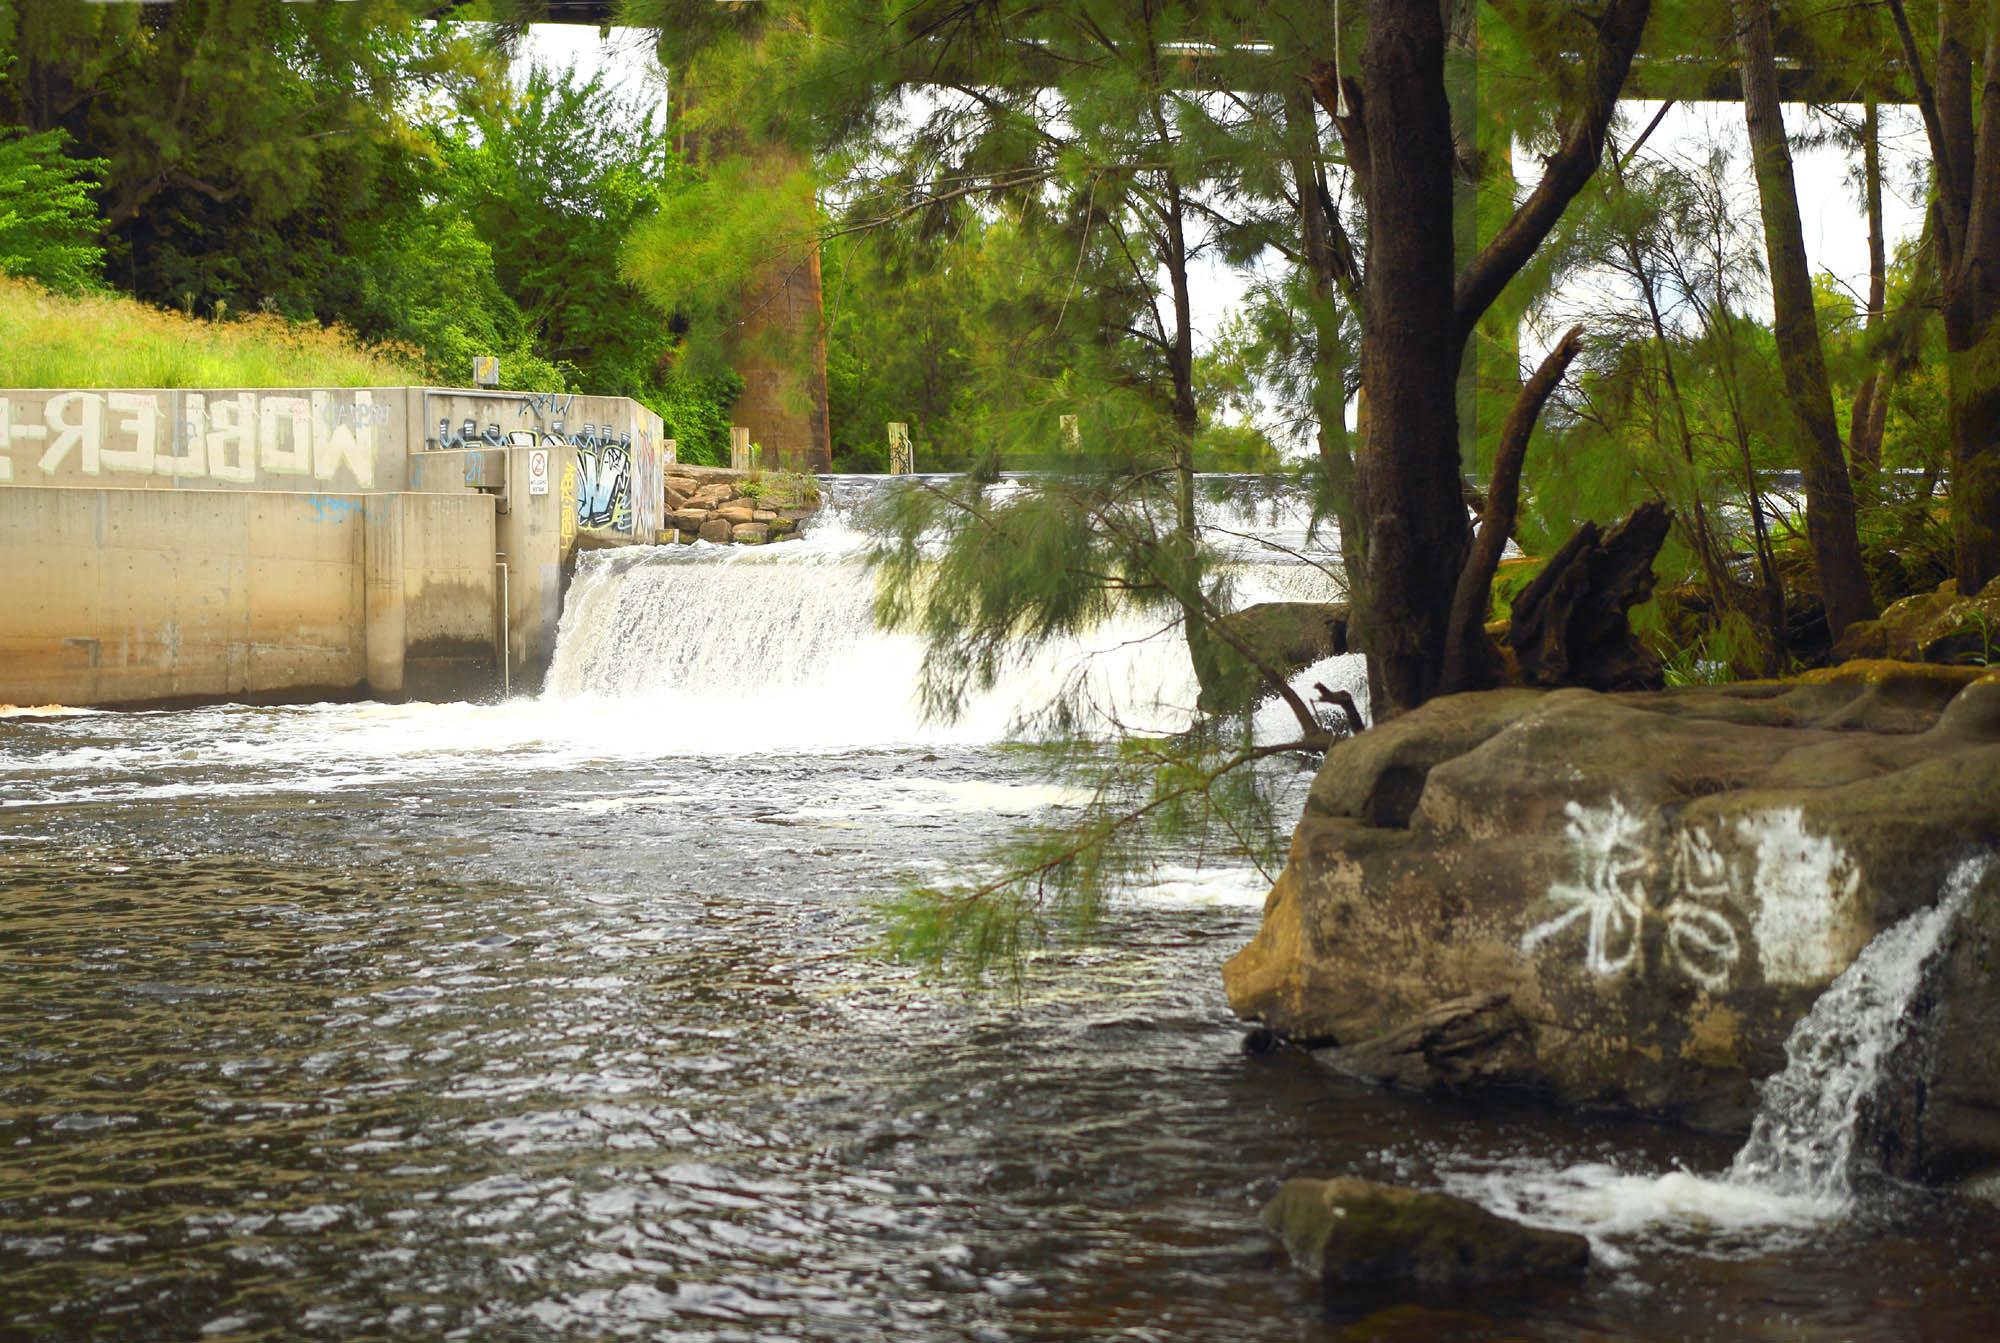 Weir Garden Stools In Most Recent 2015 01 13 Menangle Weir 1 – Campbelltown Focus (View 30 of 30)